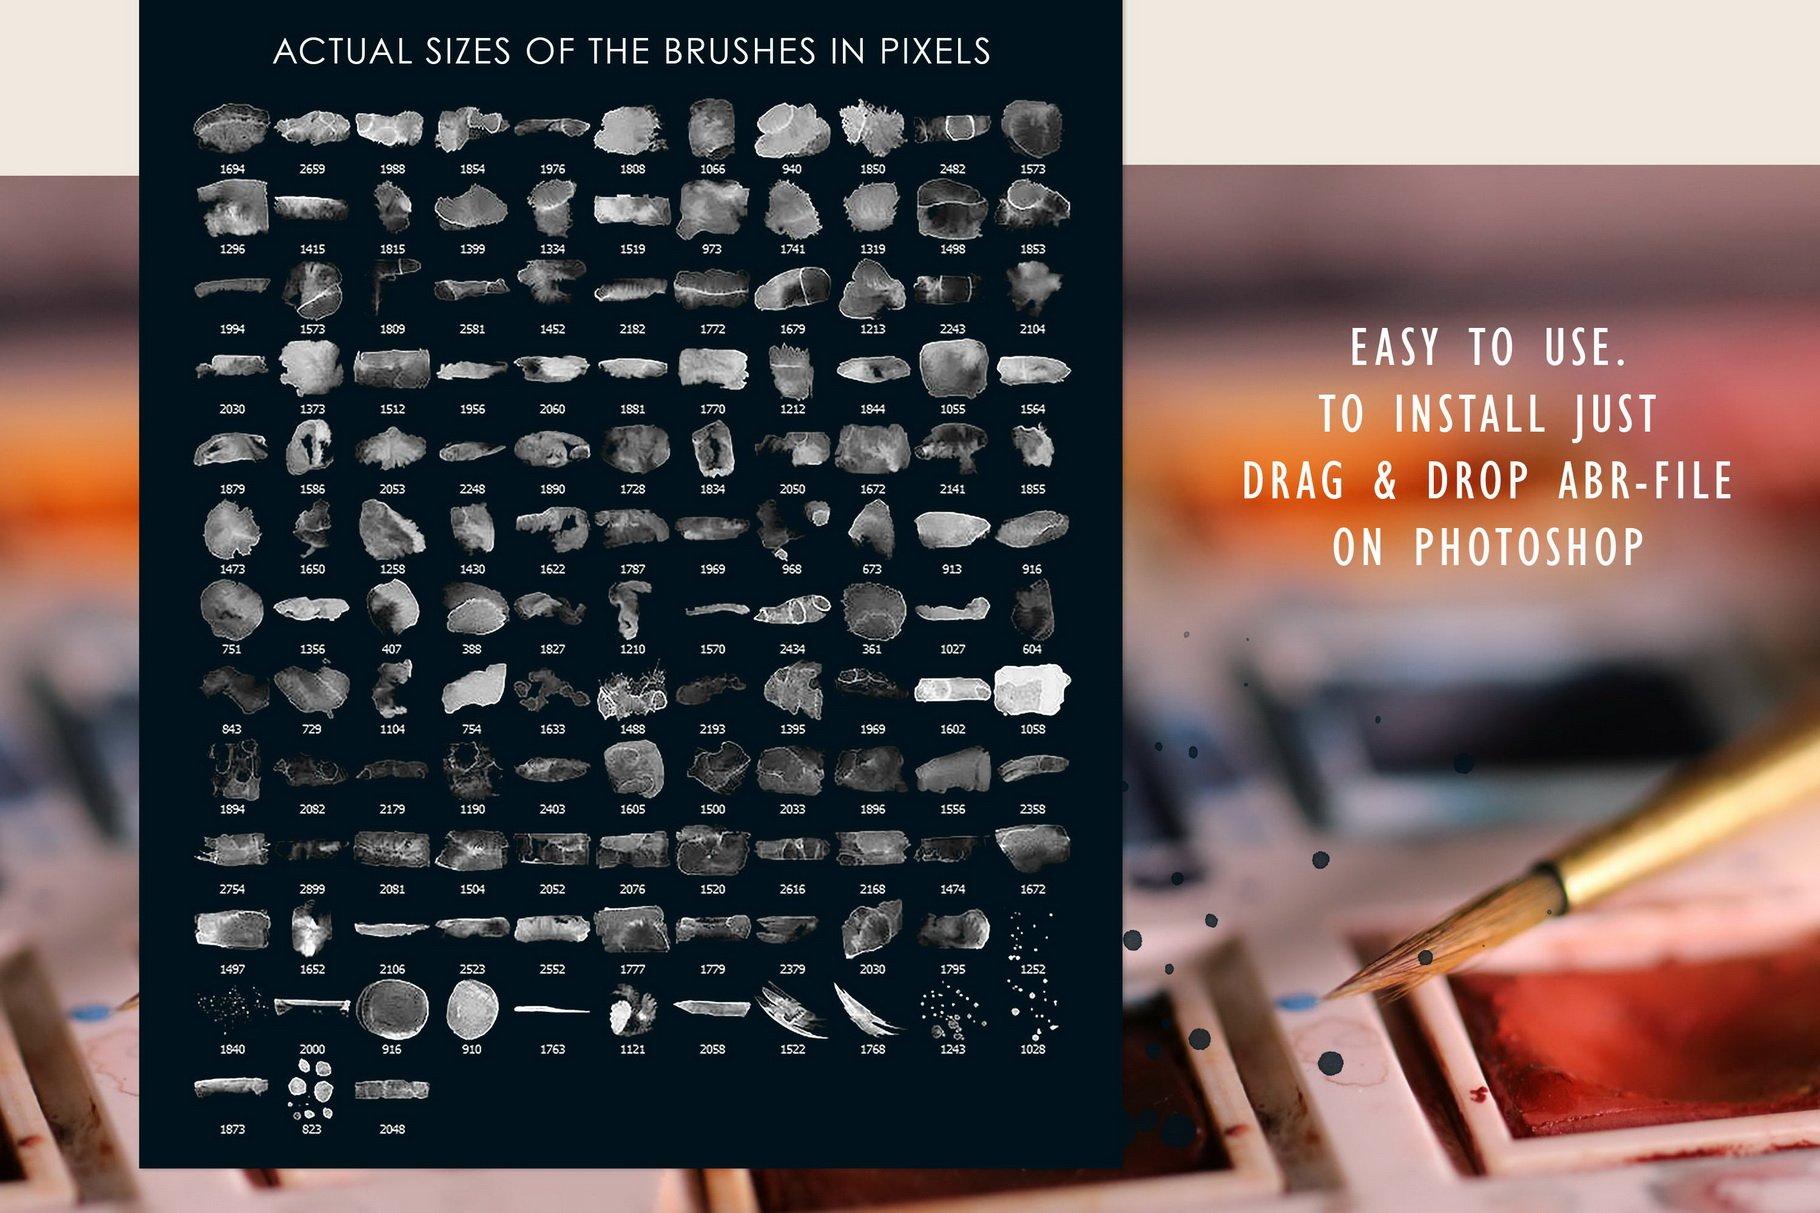 775款艺术气息水彩水墨丙烯酸绘画效果PS图章笔刷素材 Photoshop Stamp Brushes Bundle 2020插图15